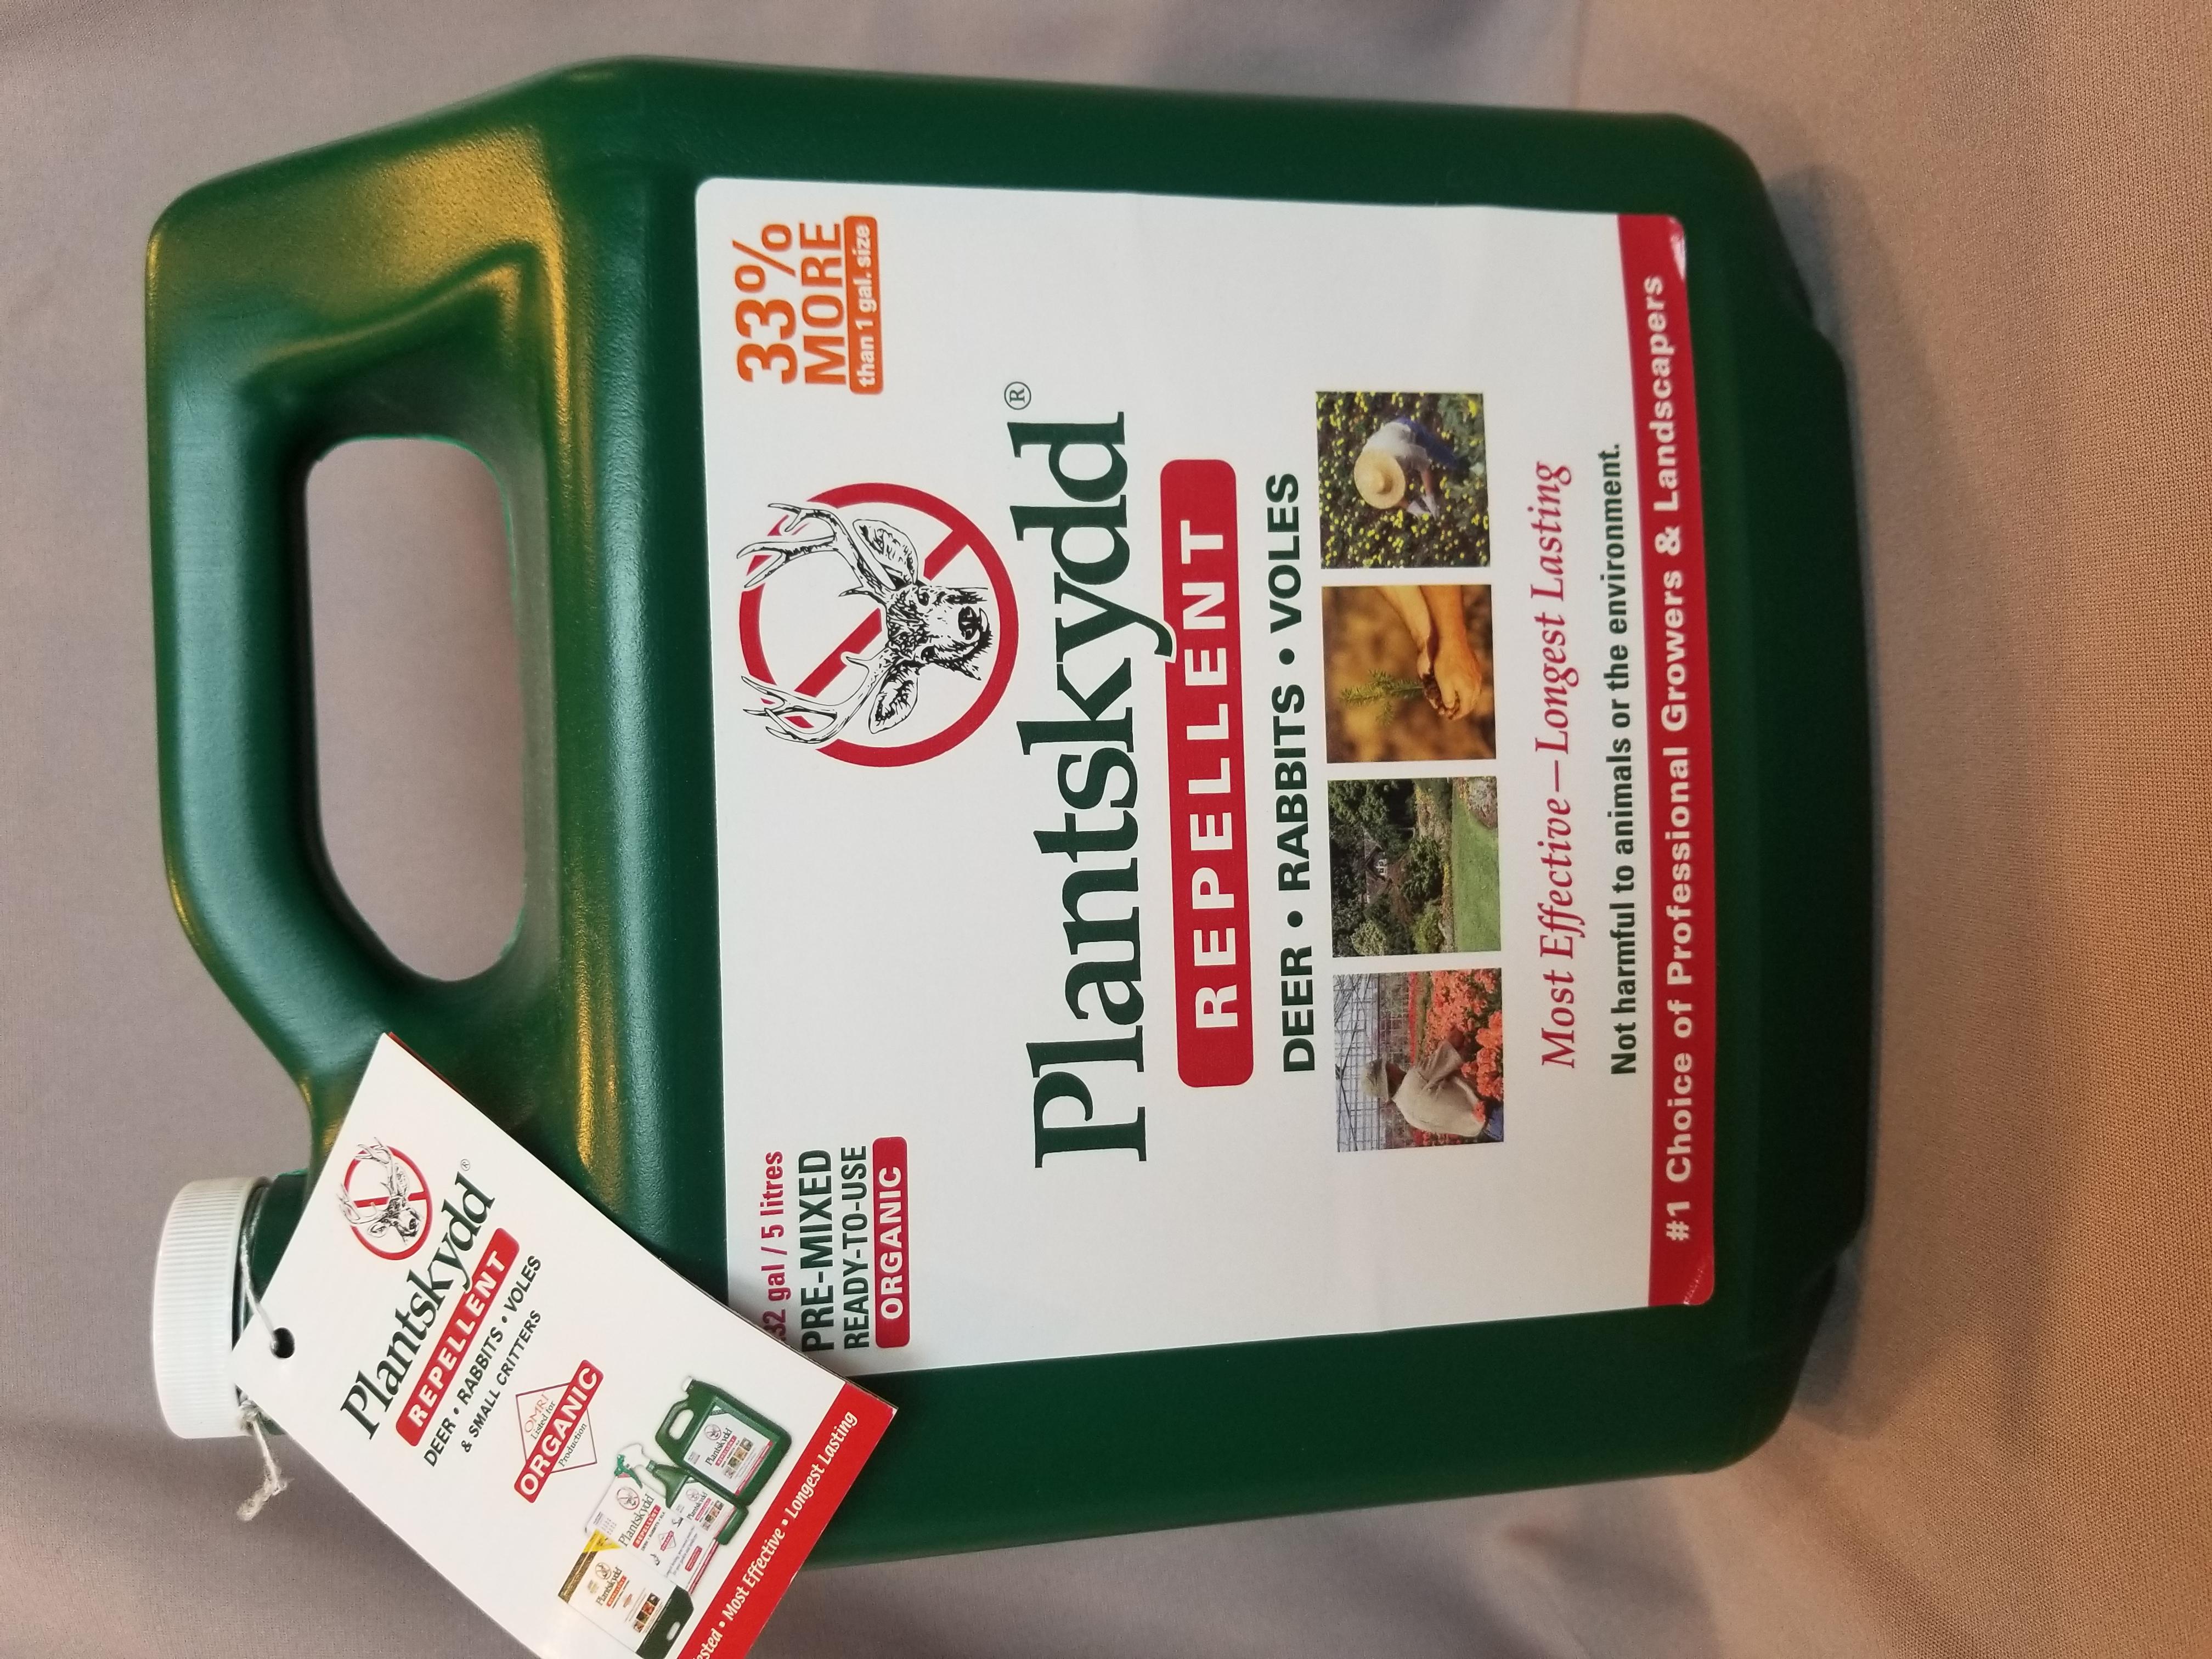 Plantskydd -- liquid deer repellant